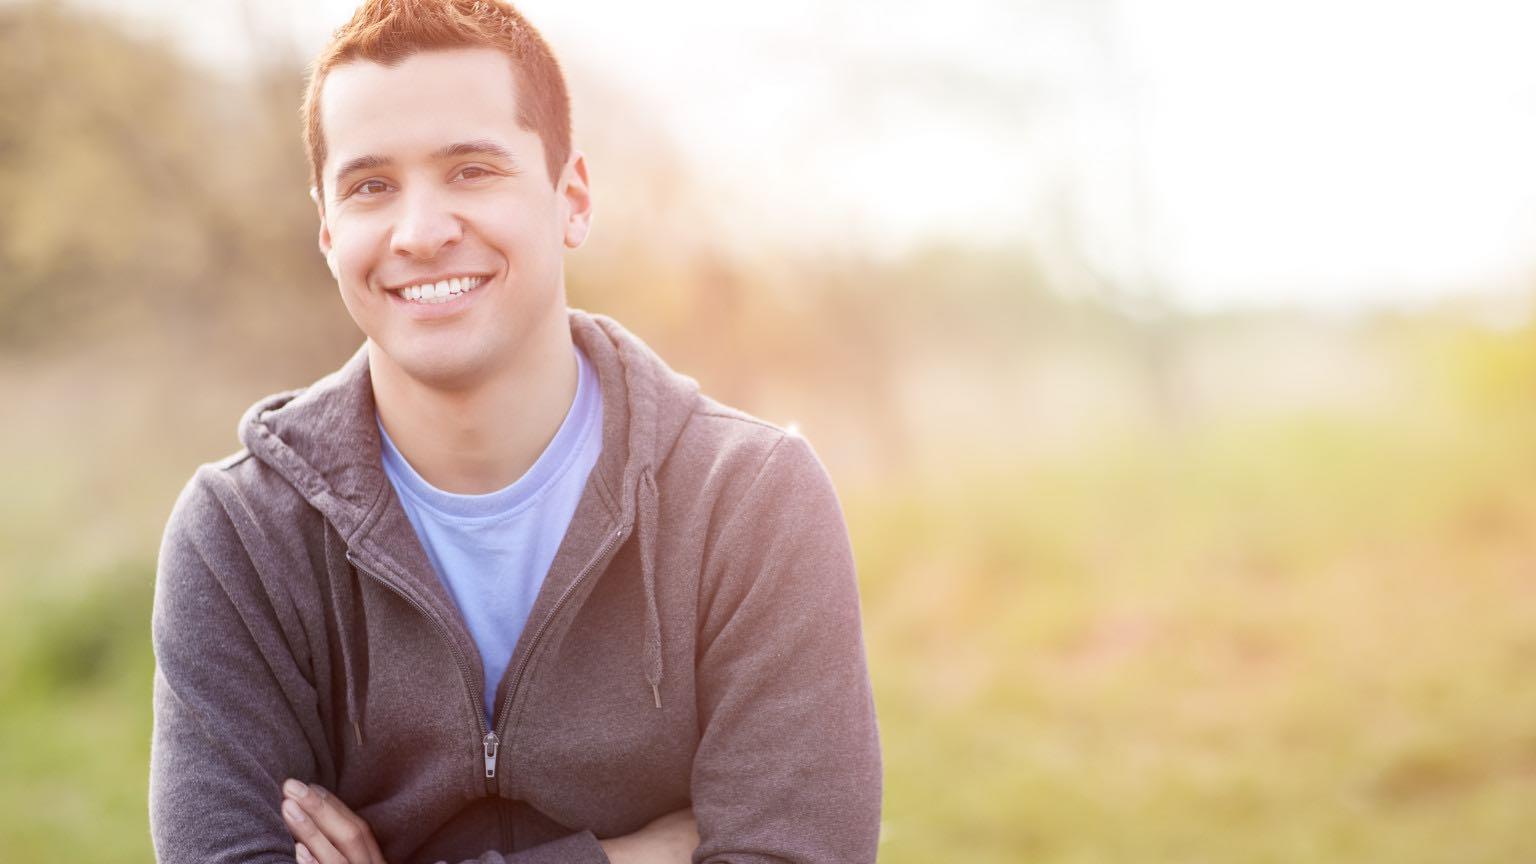 Картинки улыбающихся людей хабаровск